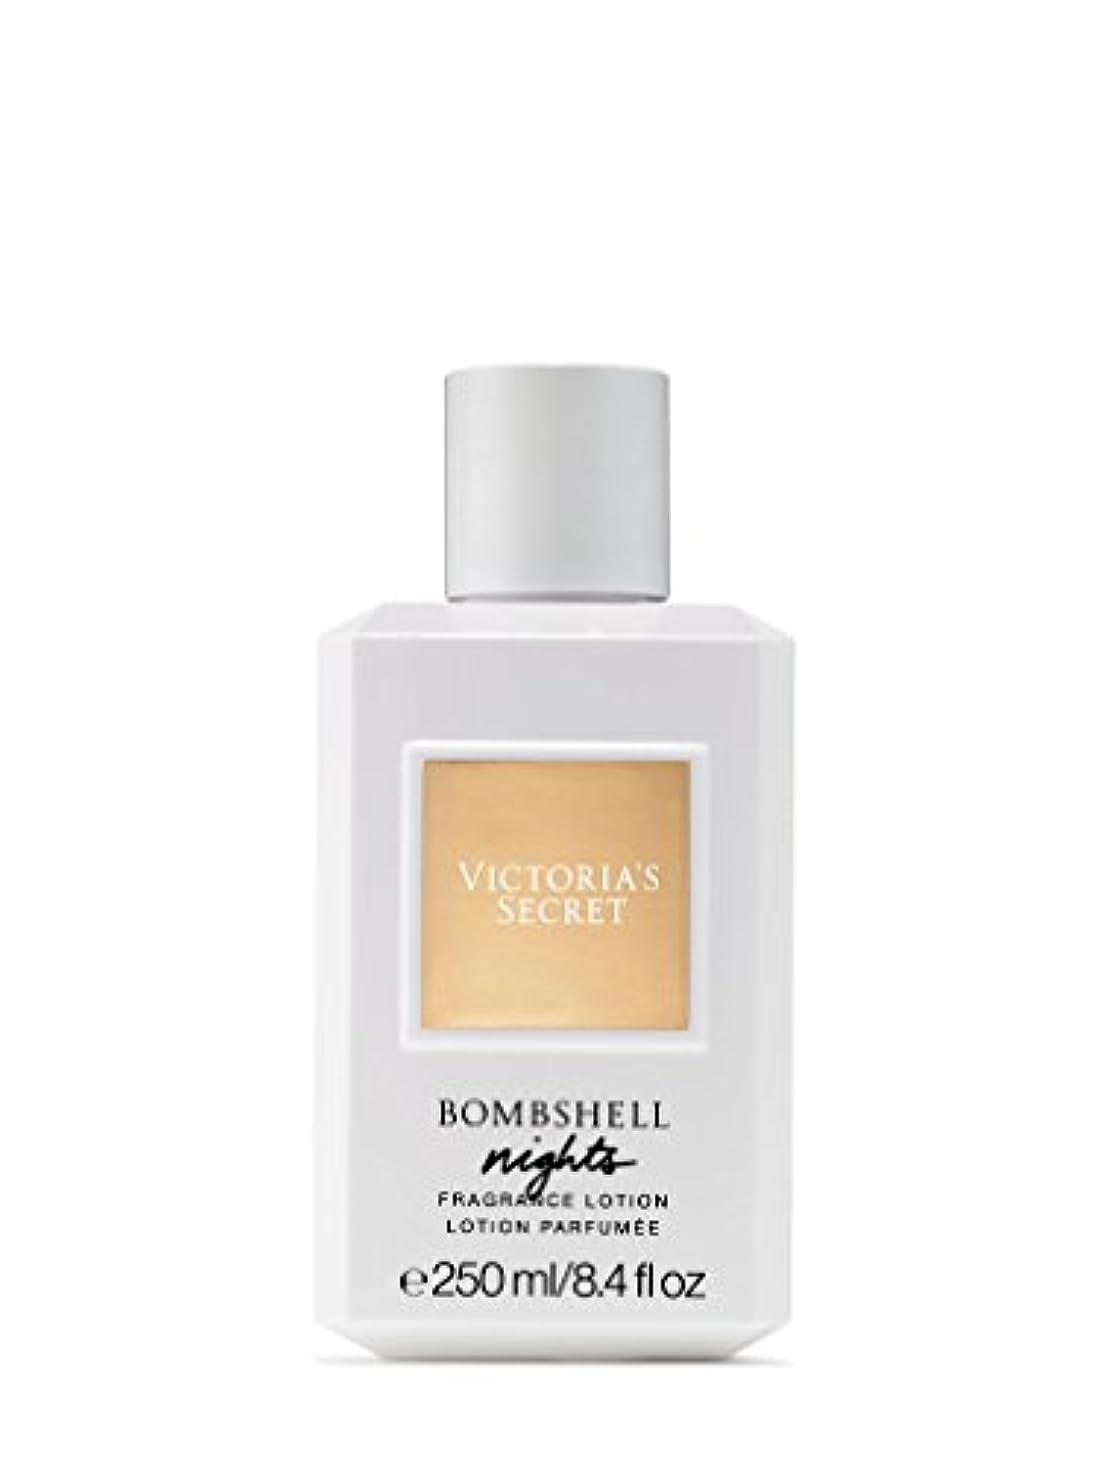 一回年齢チャーミングBombshell Nights (ボムシェル ナイツ) 8.4 oz (252ml) Fragrance Body Lotion ボディーローション by Victoria's Secret for Women